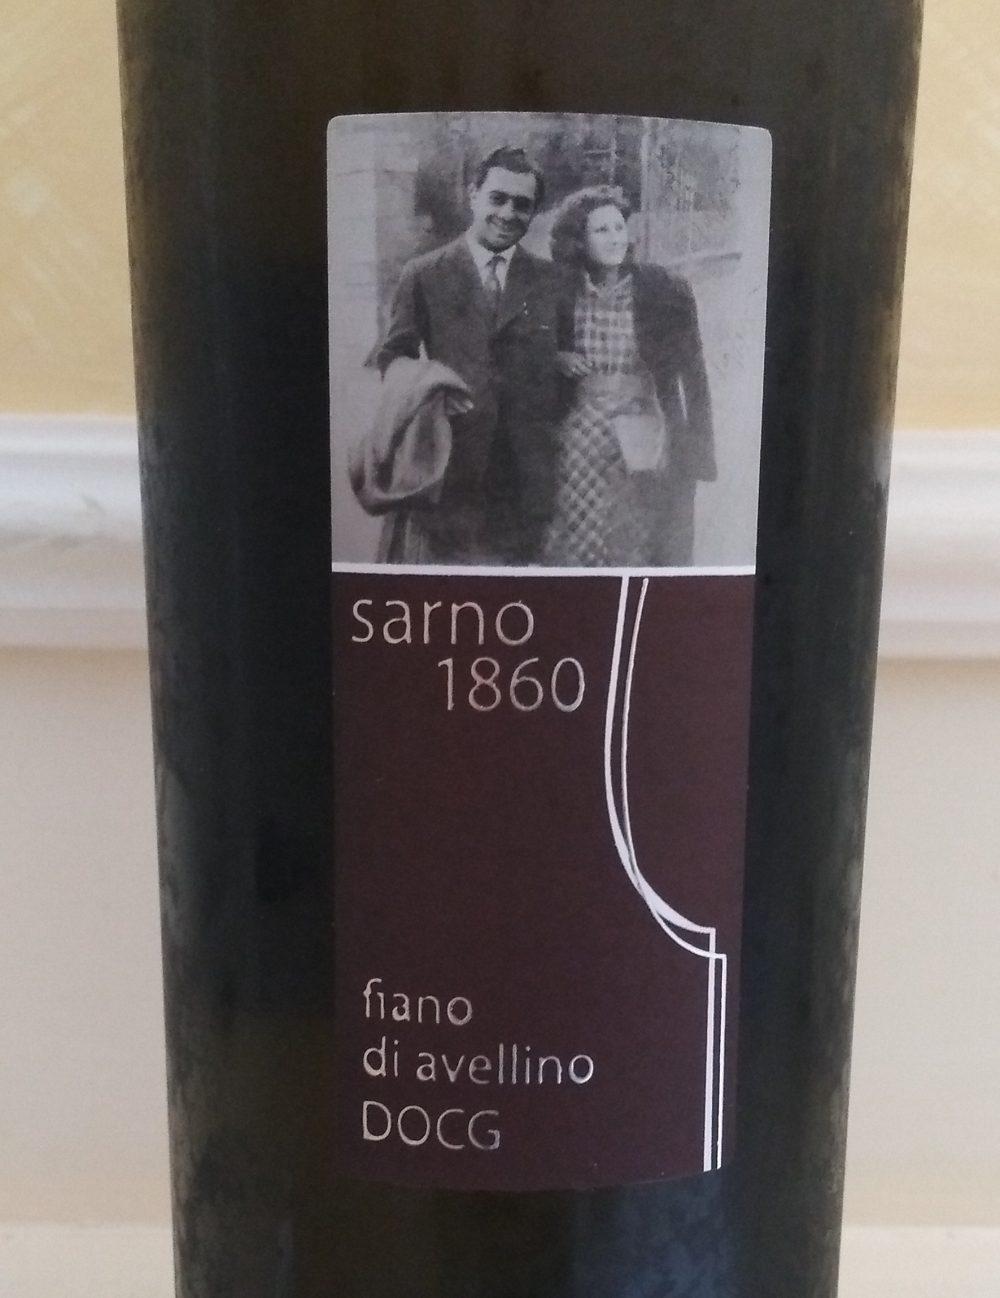 Fiano di Avellino Docg 2016 Tenuta Sarno 1860